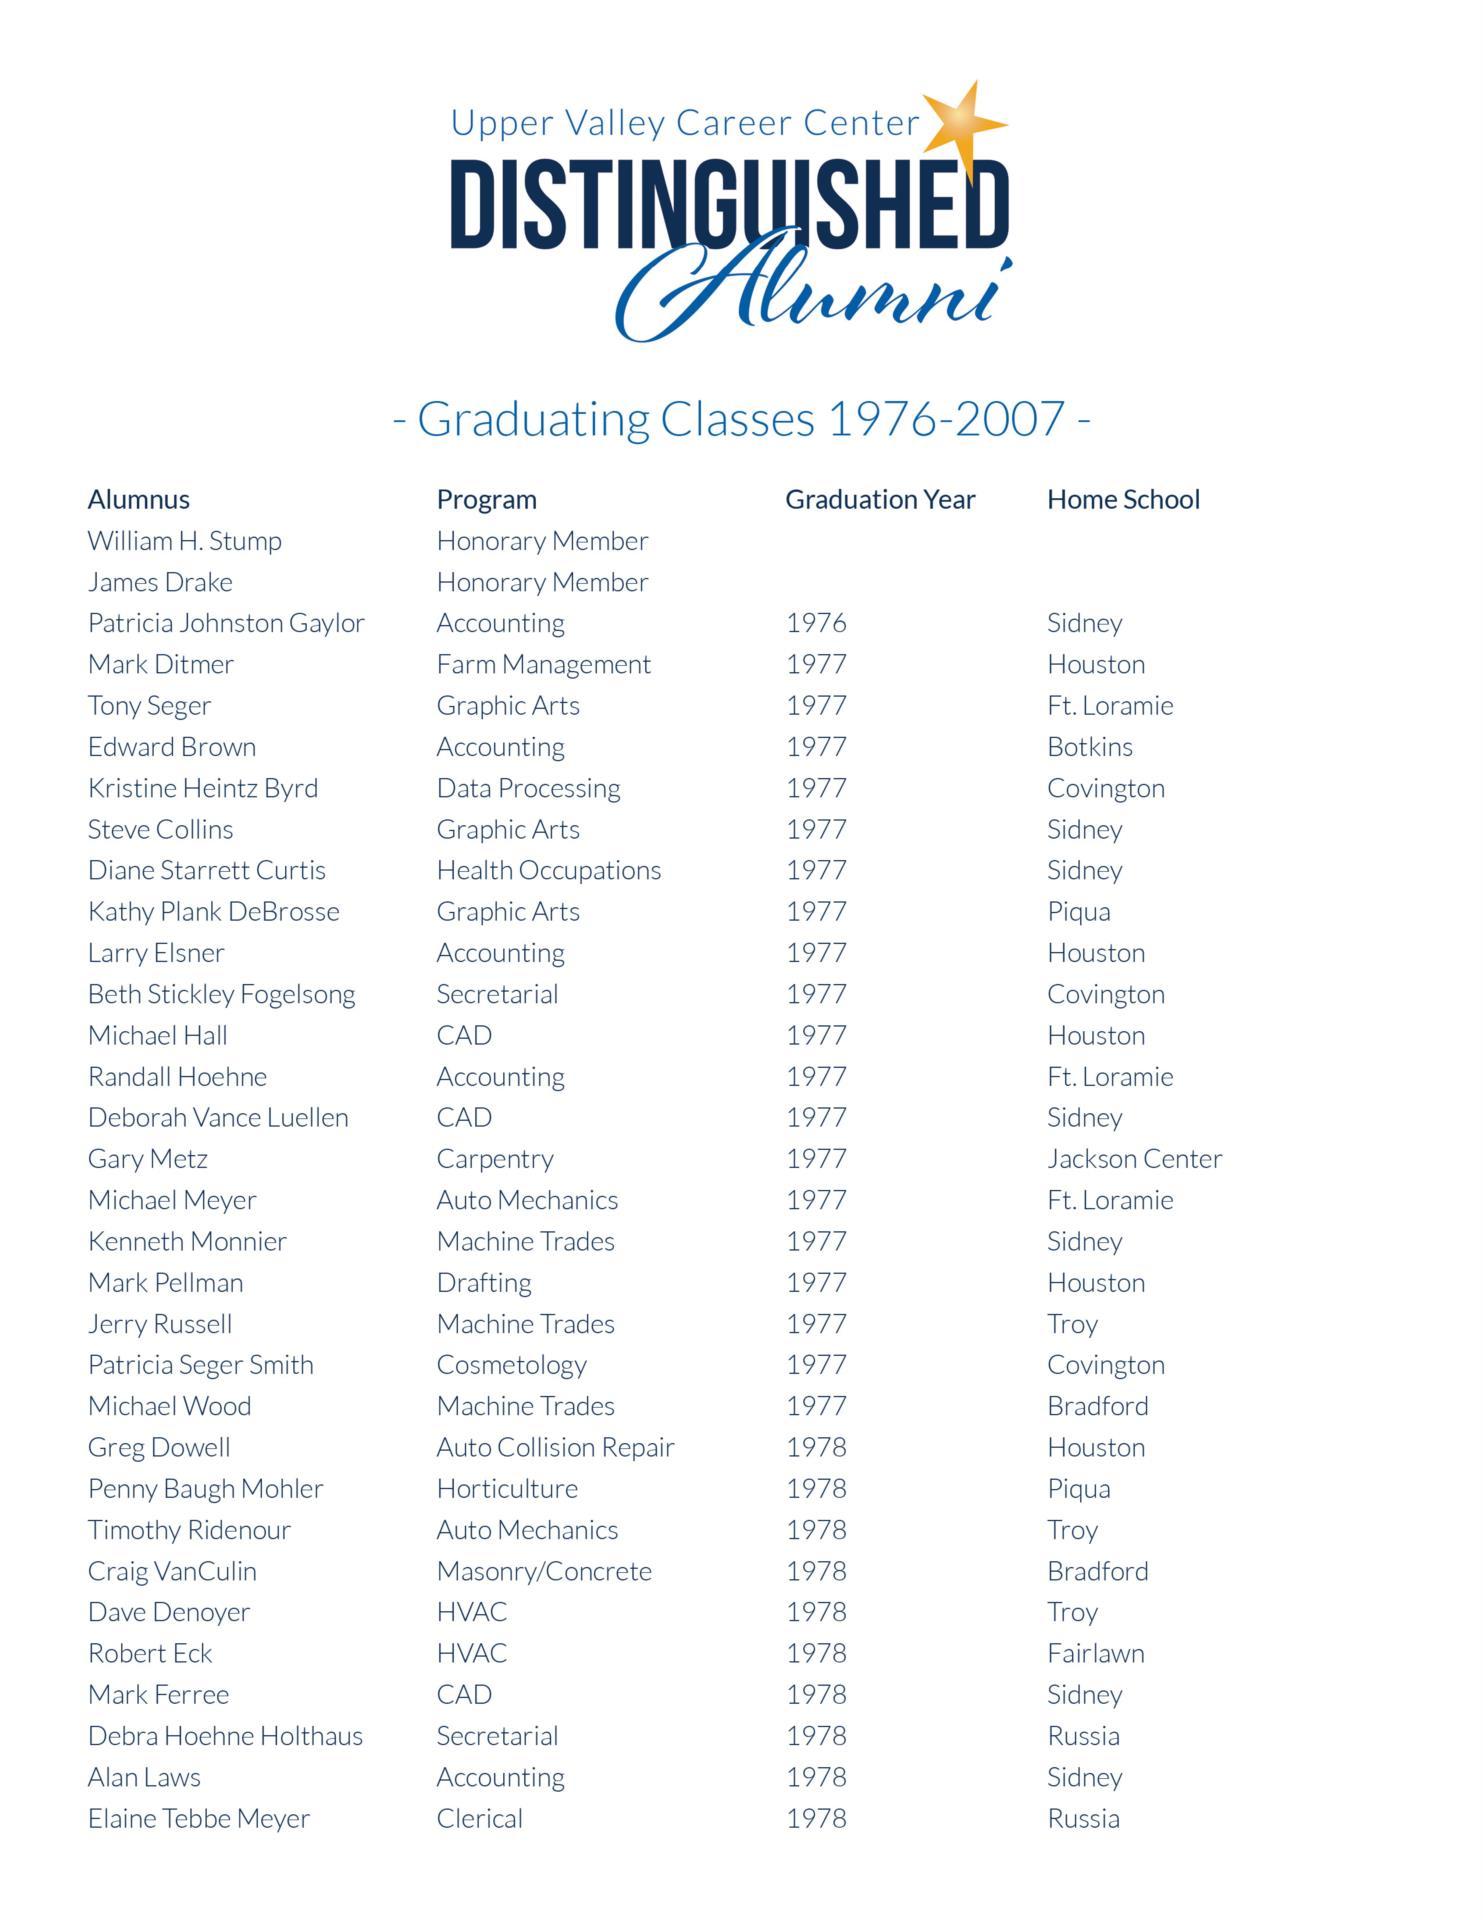 Distinguished Alumni List